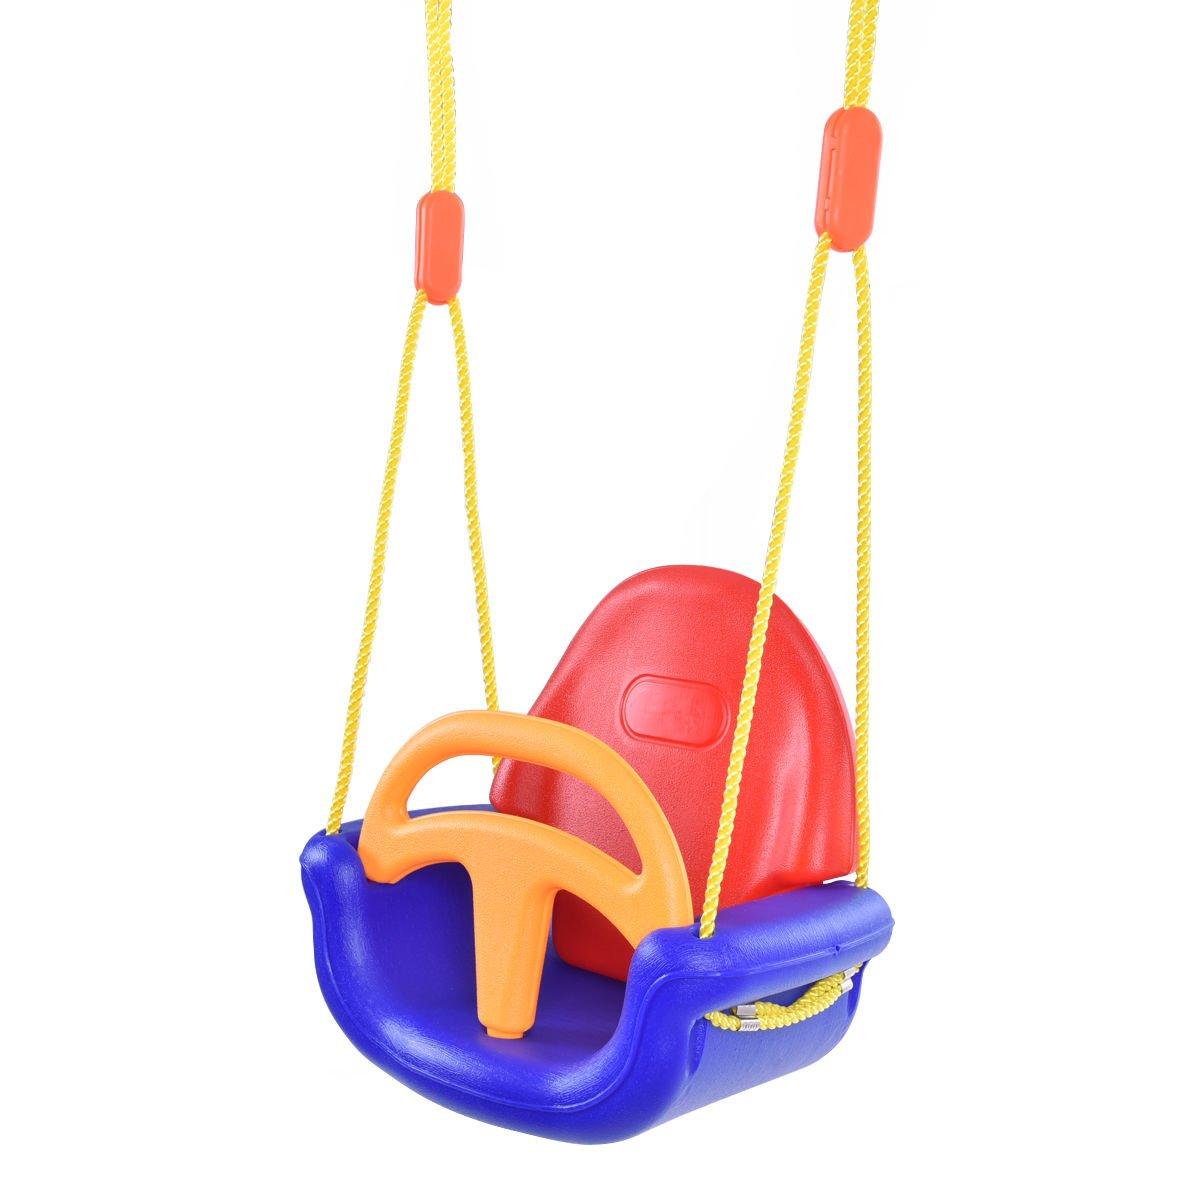 新しい3 - in - 1 Infant to幼児用スイングセット安全取り外し可能アウトドア再生パティオガーデン B073H21NBQ